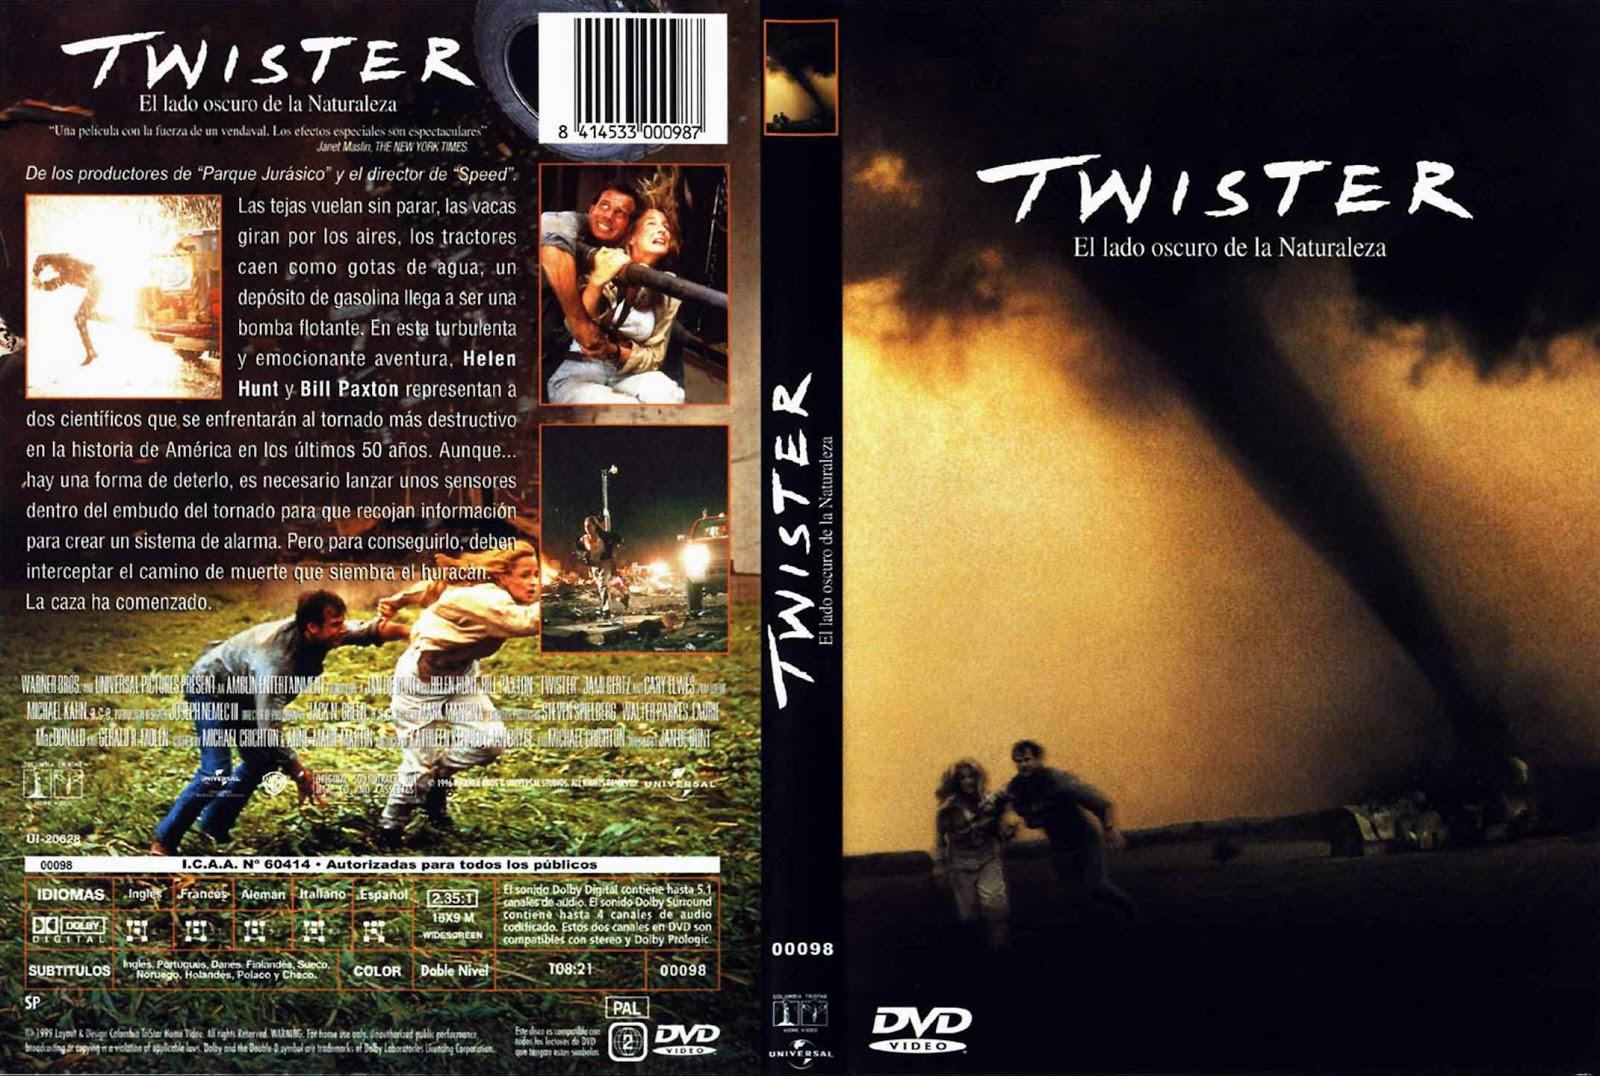 F5 - Twister